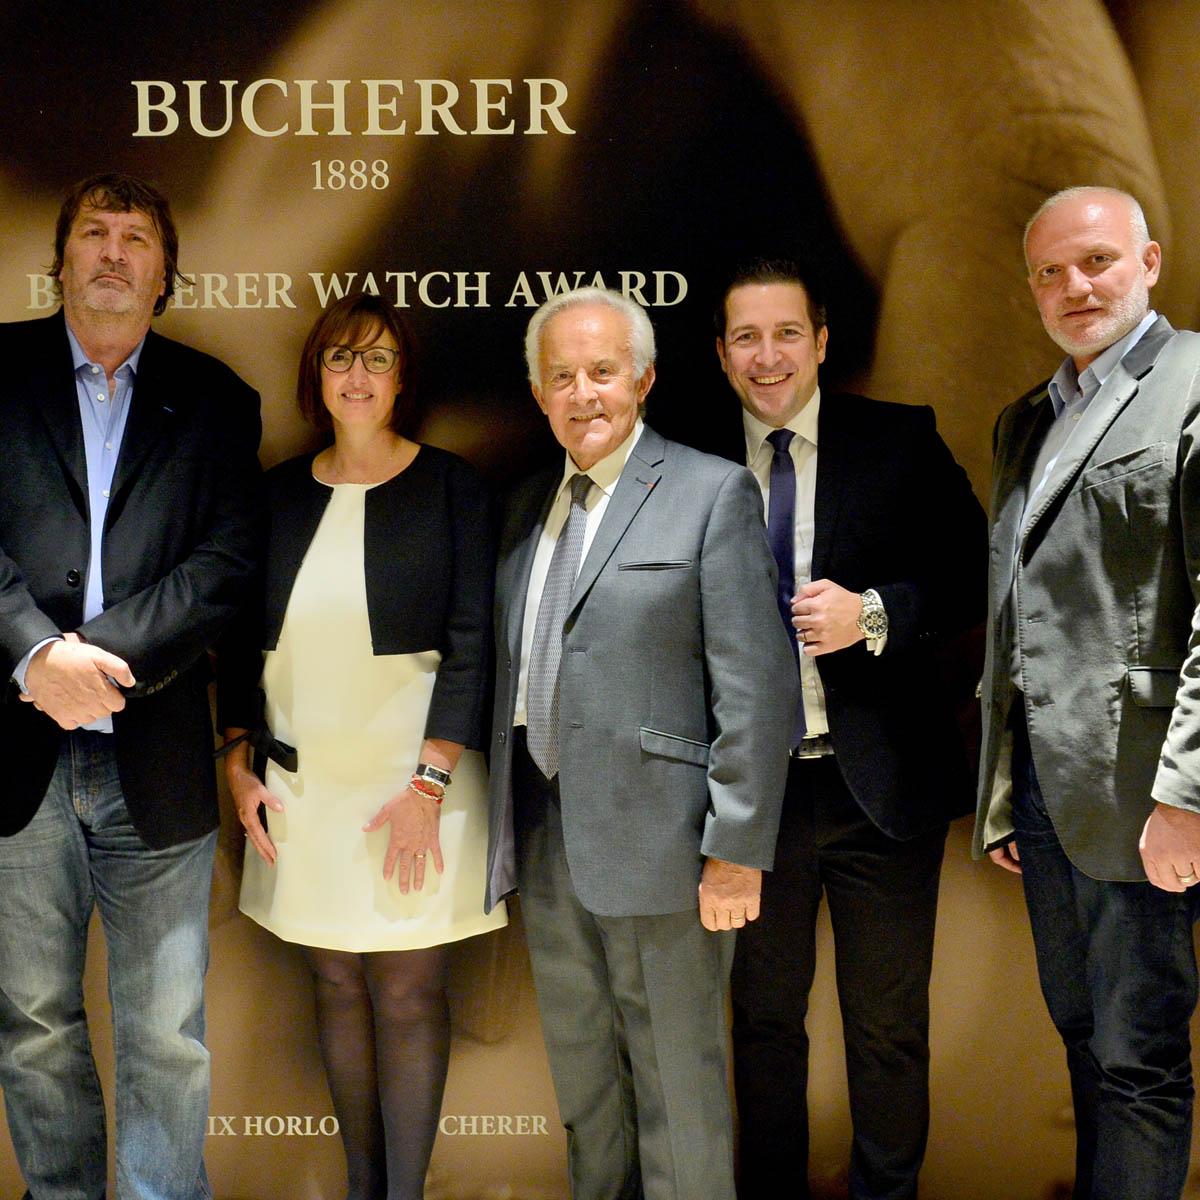 La Cote des Montres : Photo - La Maison Bucherer révèle le lauréat du Bucherer Watch Award 2014